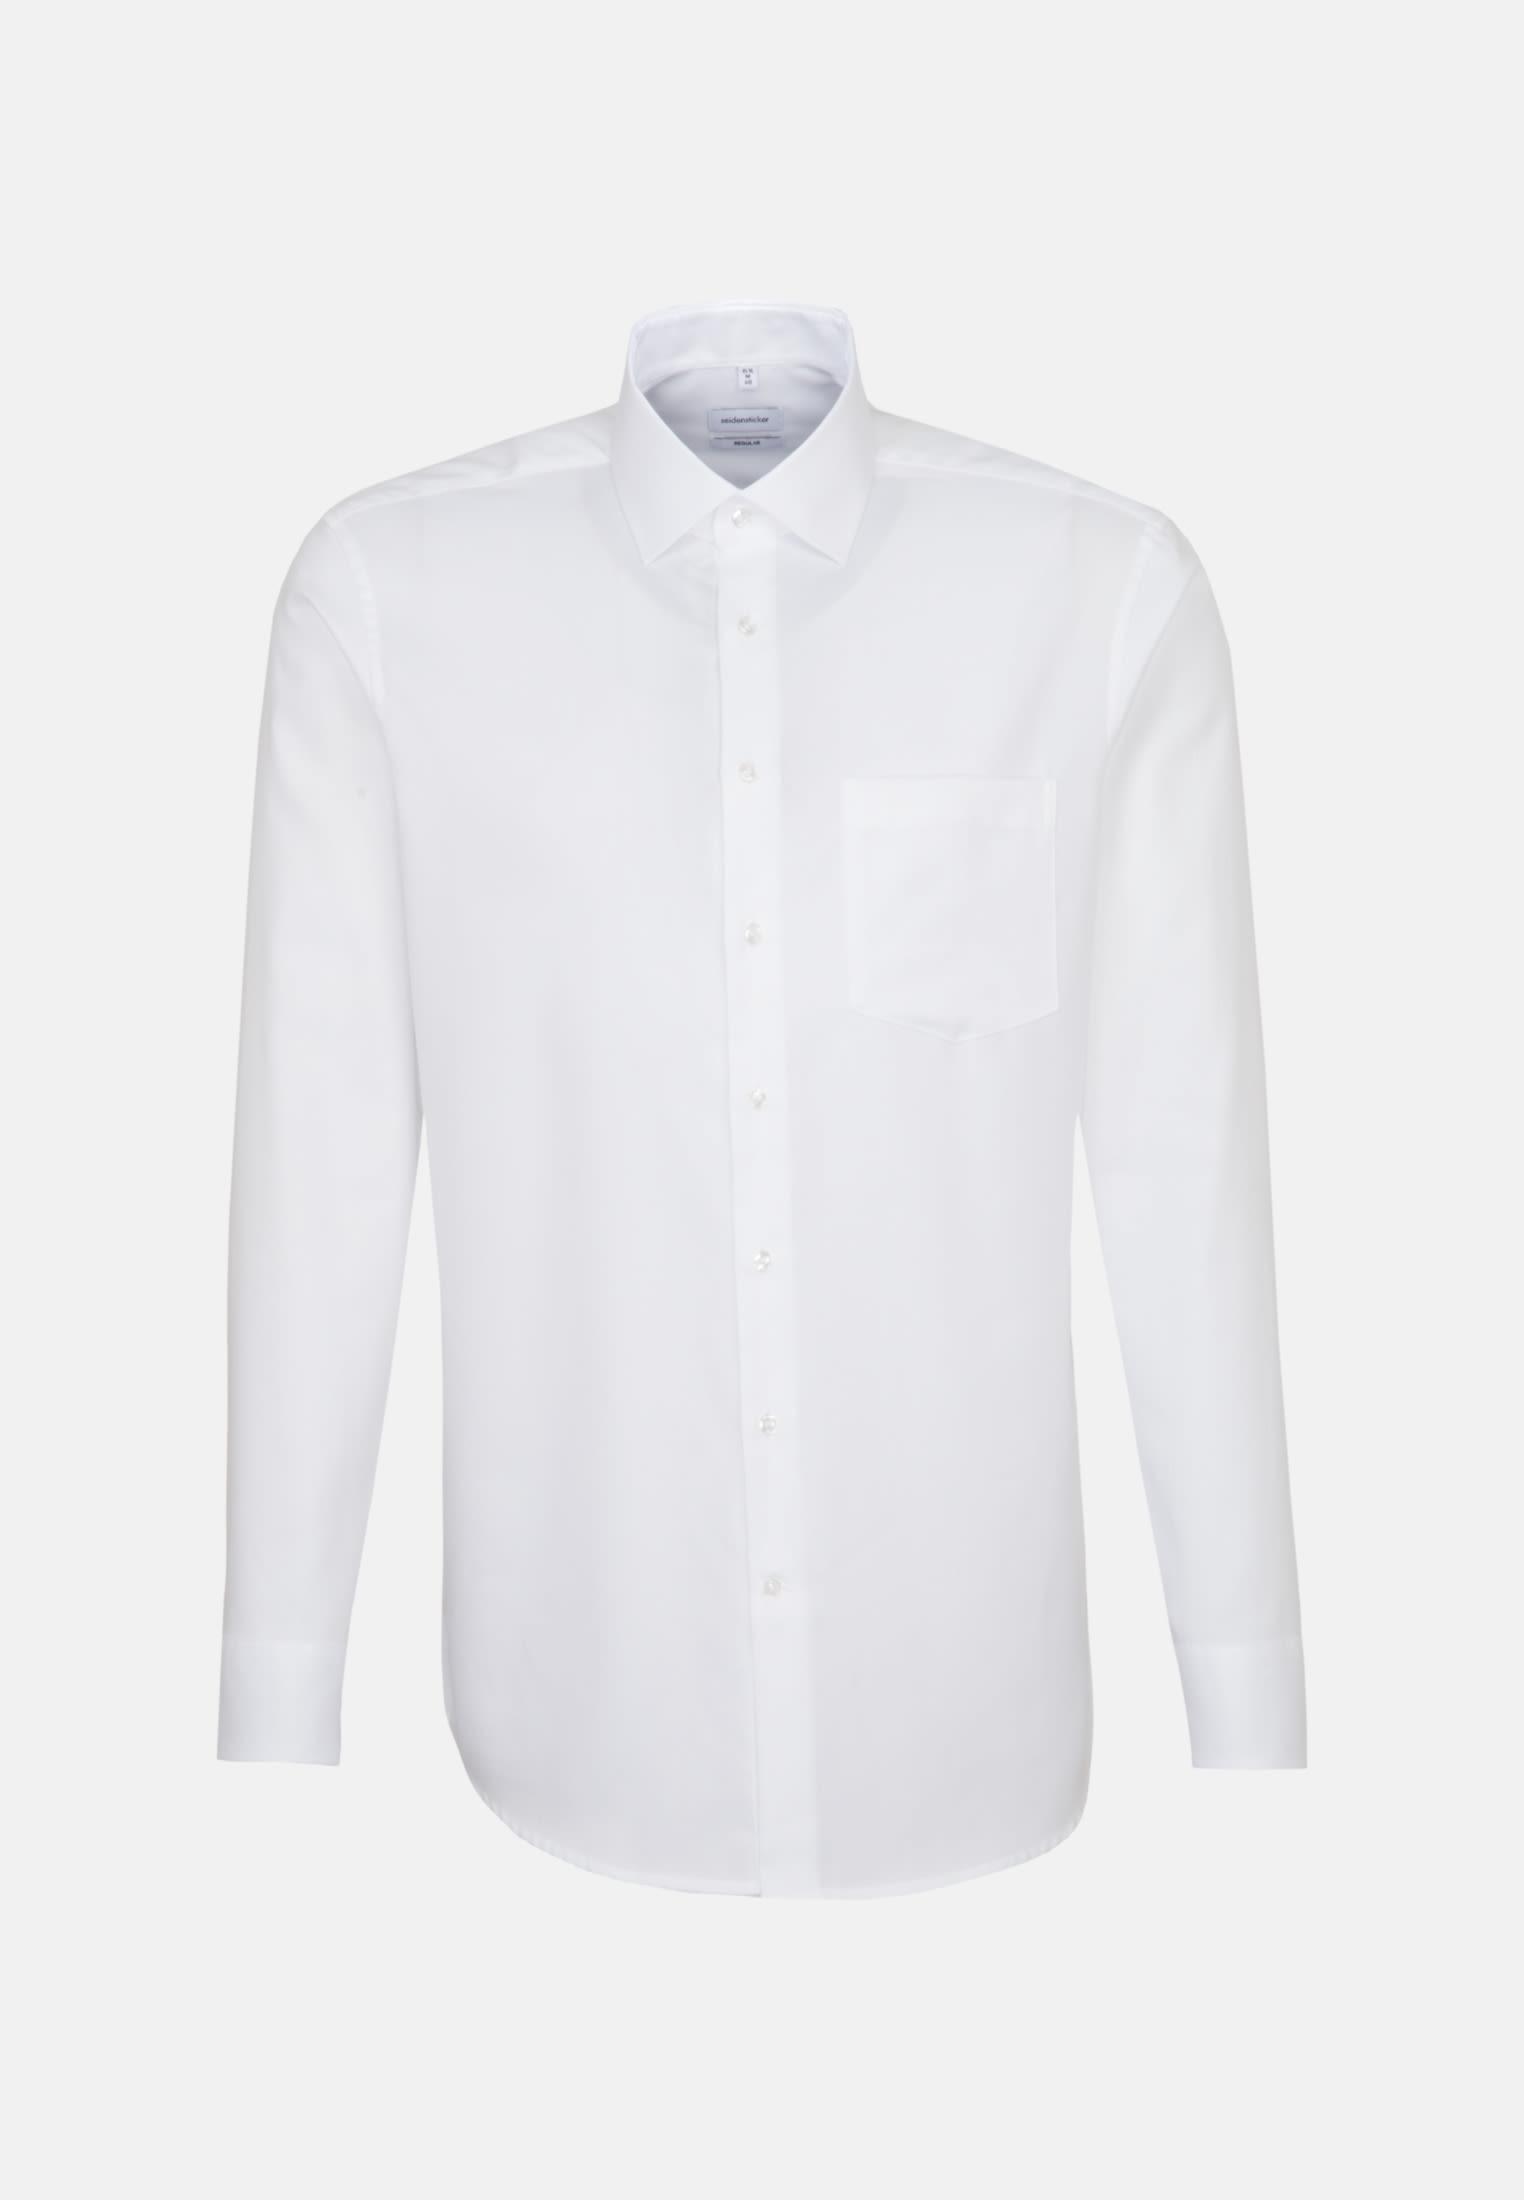 Bügelfreies Struktur Business Hemd in Regular mit Kentkragen in Weiß |  Seidensticker Onlineshop